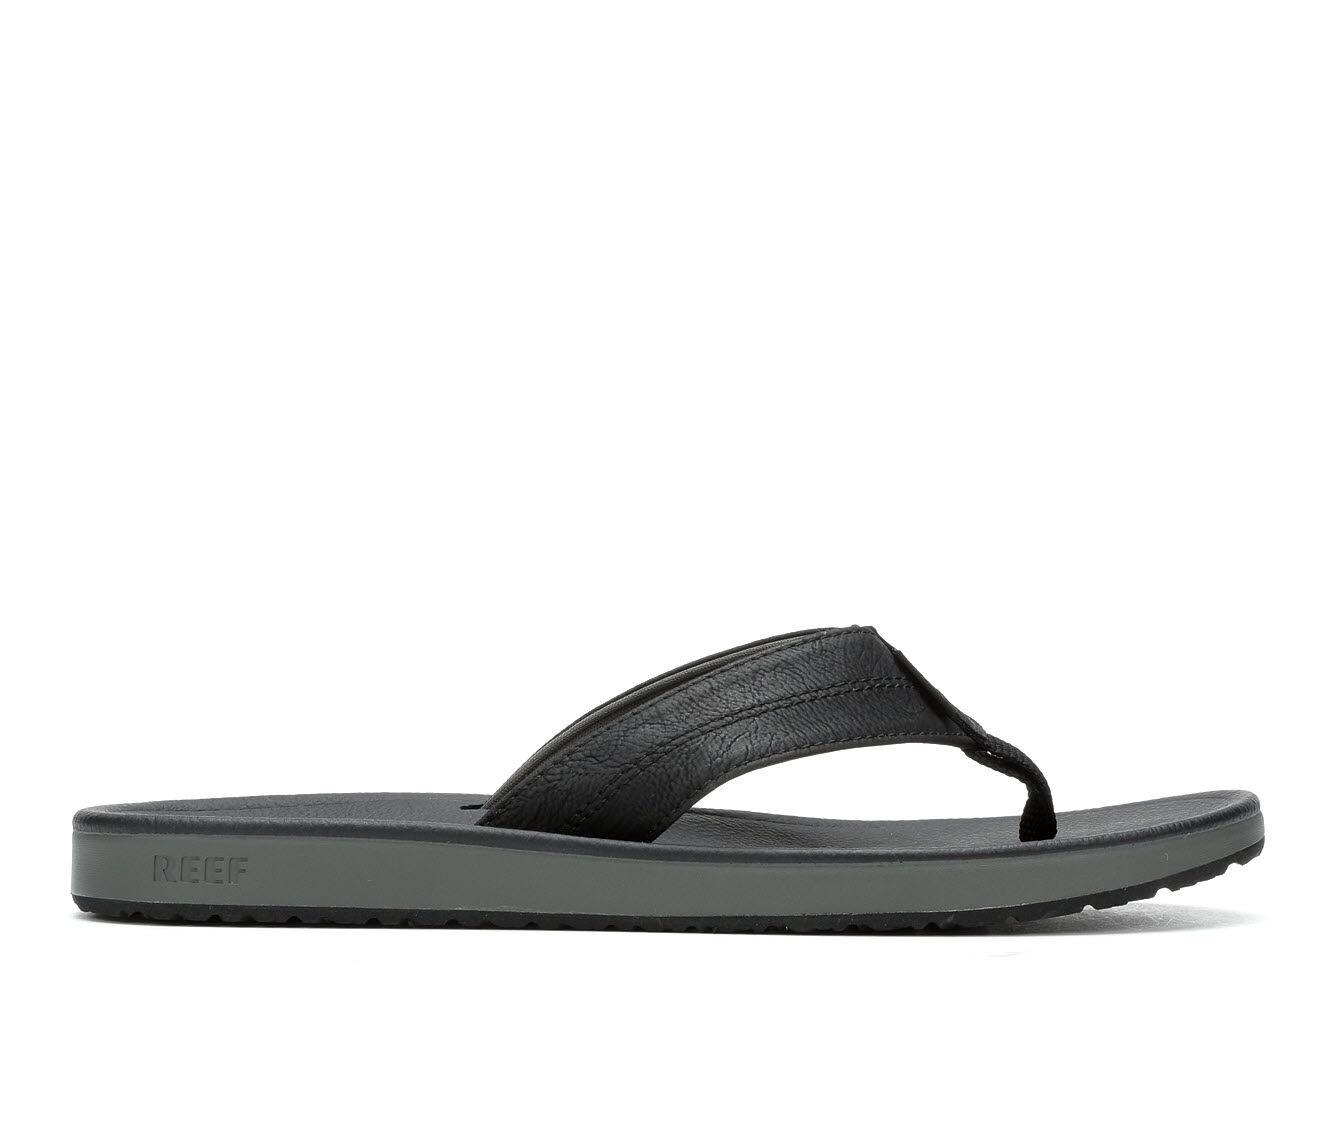 Men's Reef Journeyer Flip-Flops Black/Grey